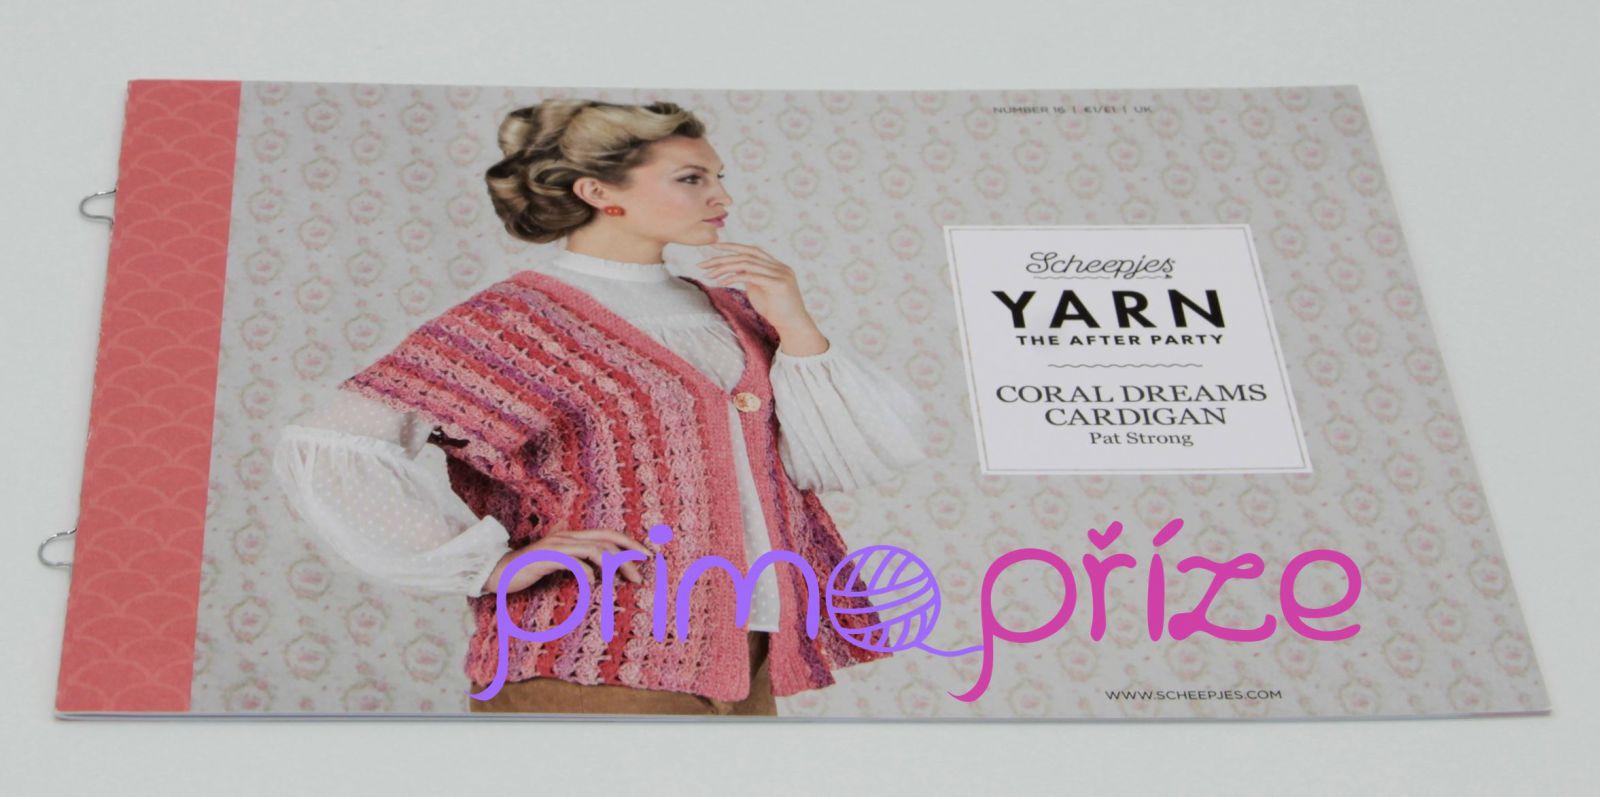 Scheepjes Yarn After Party 16 Coral Dreams Cardigan